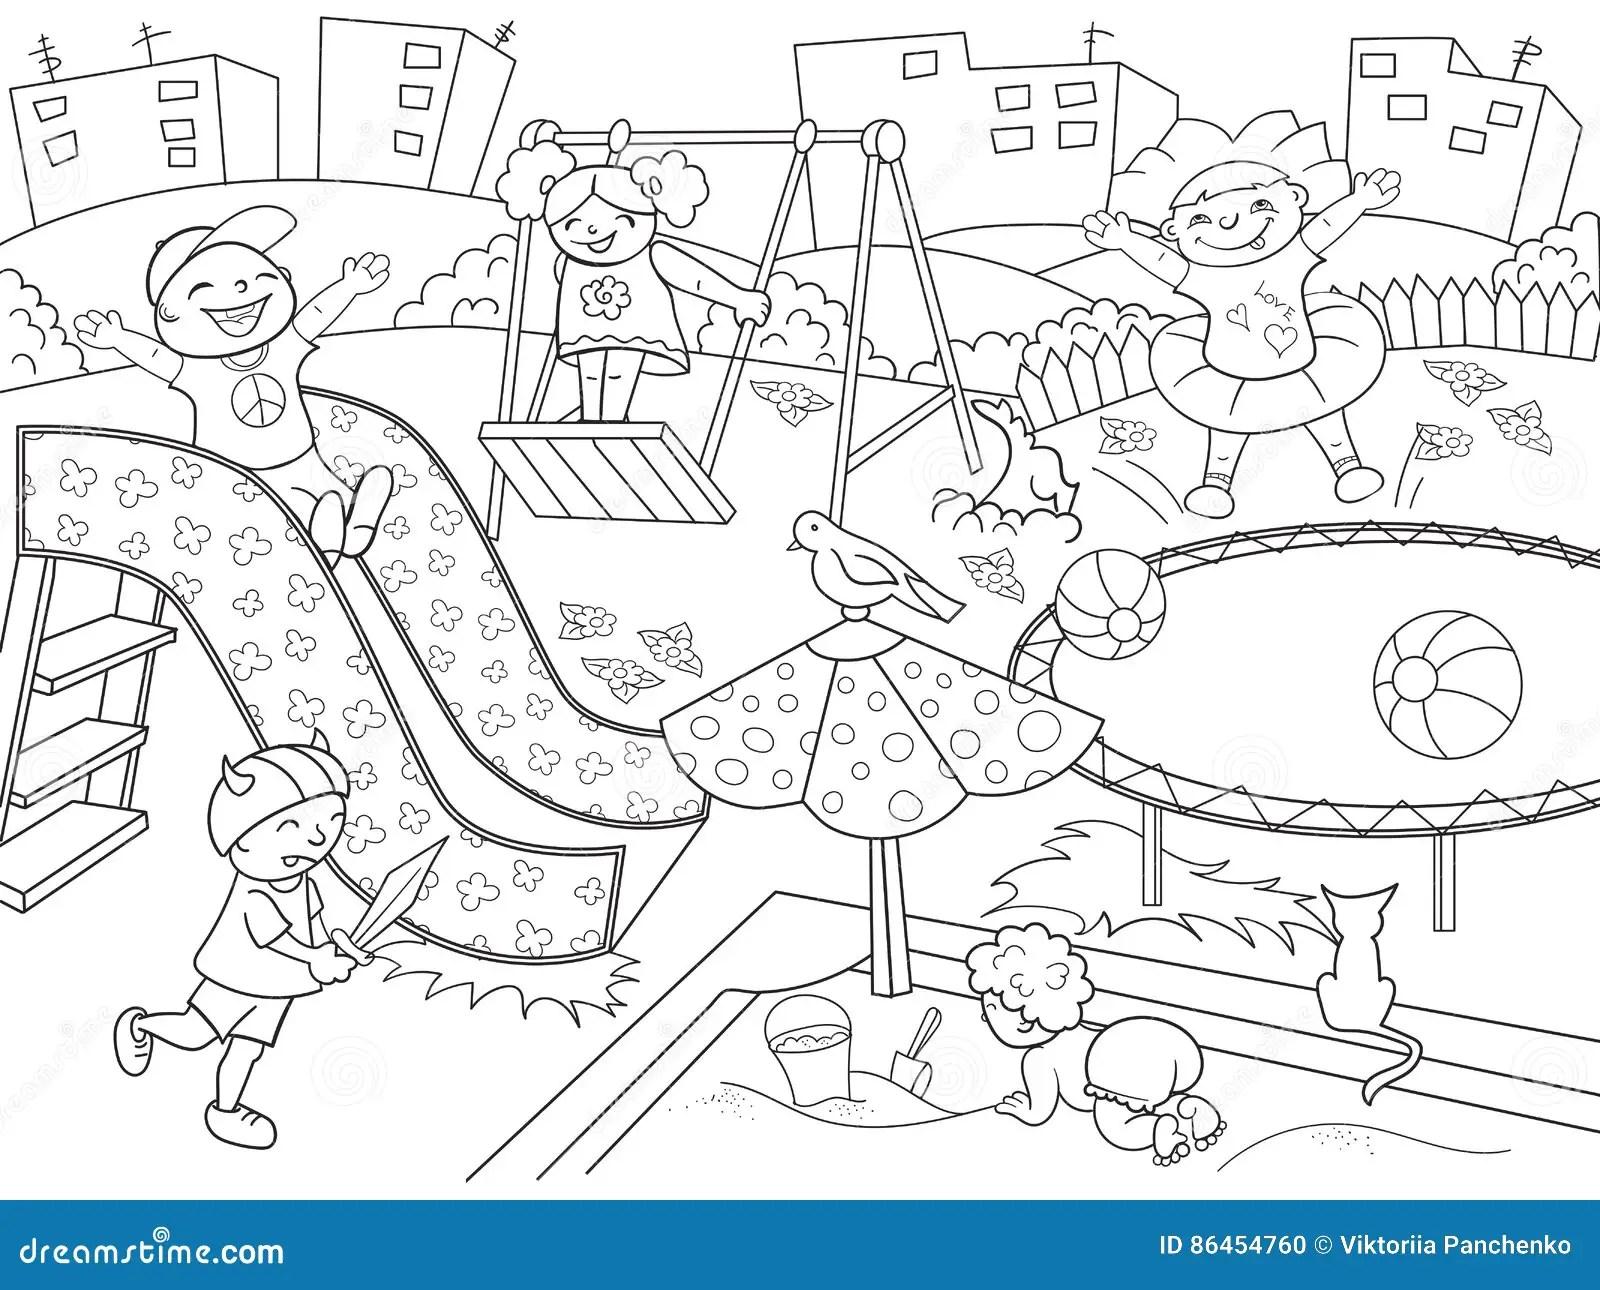 Barns Lekplatsfarglaggning Vektorillustration Av Svartvitt